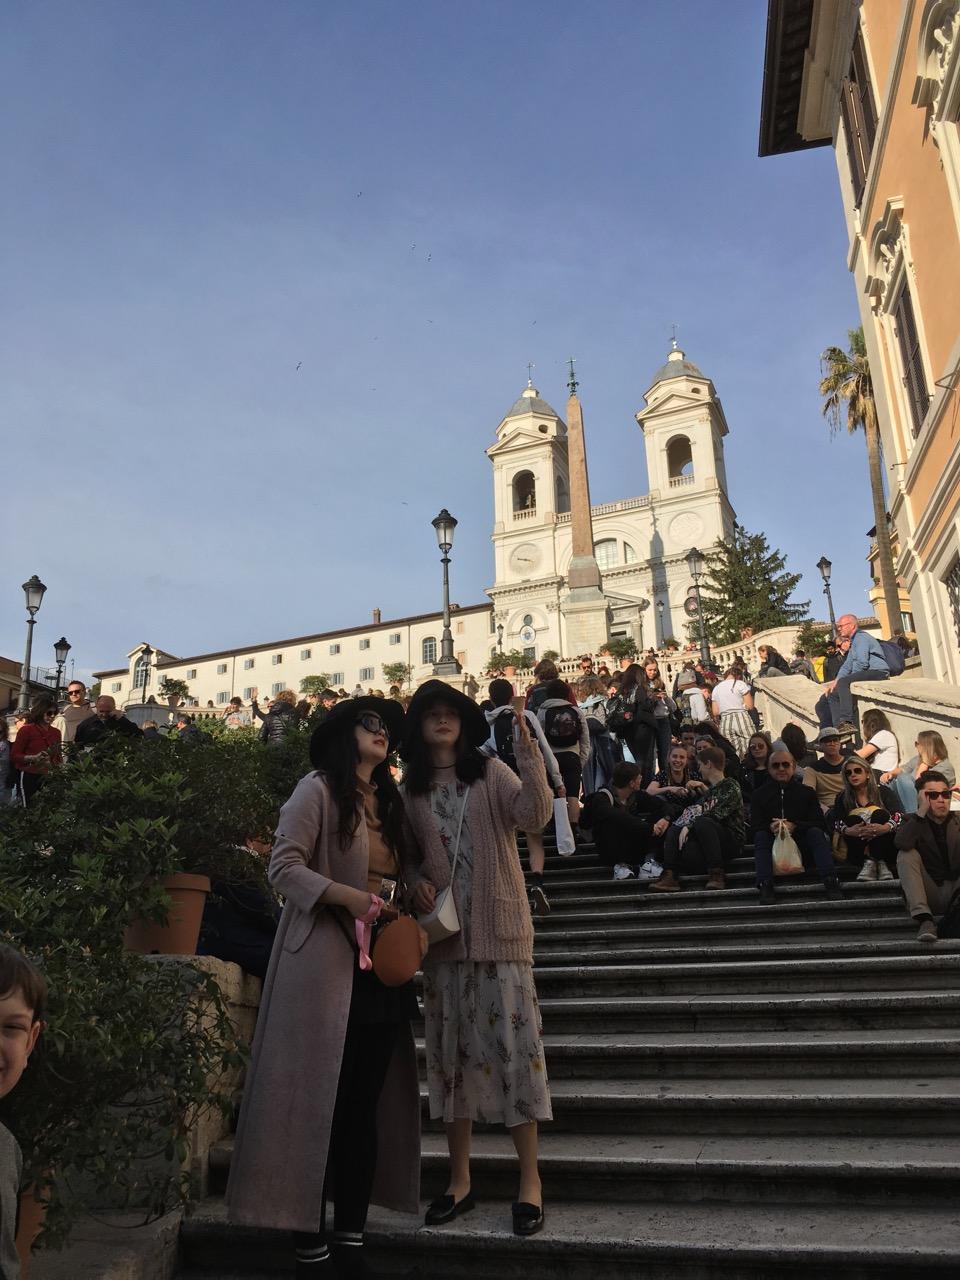 西班牙广场上人满为患